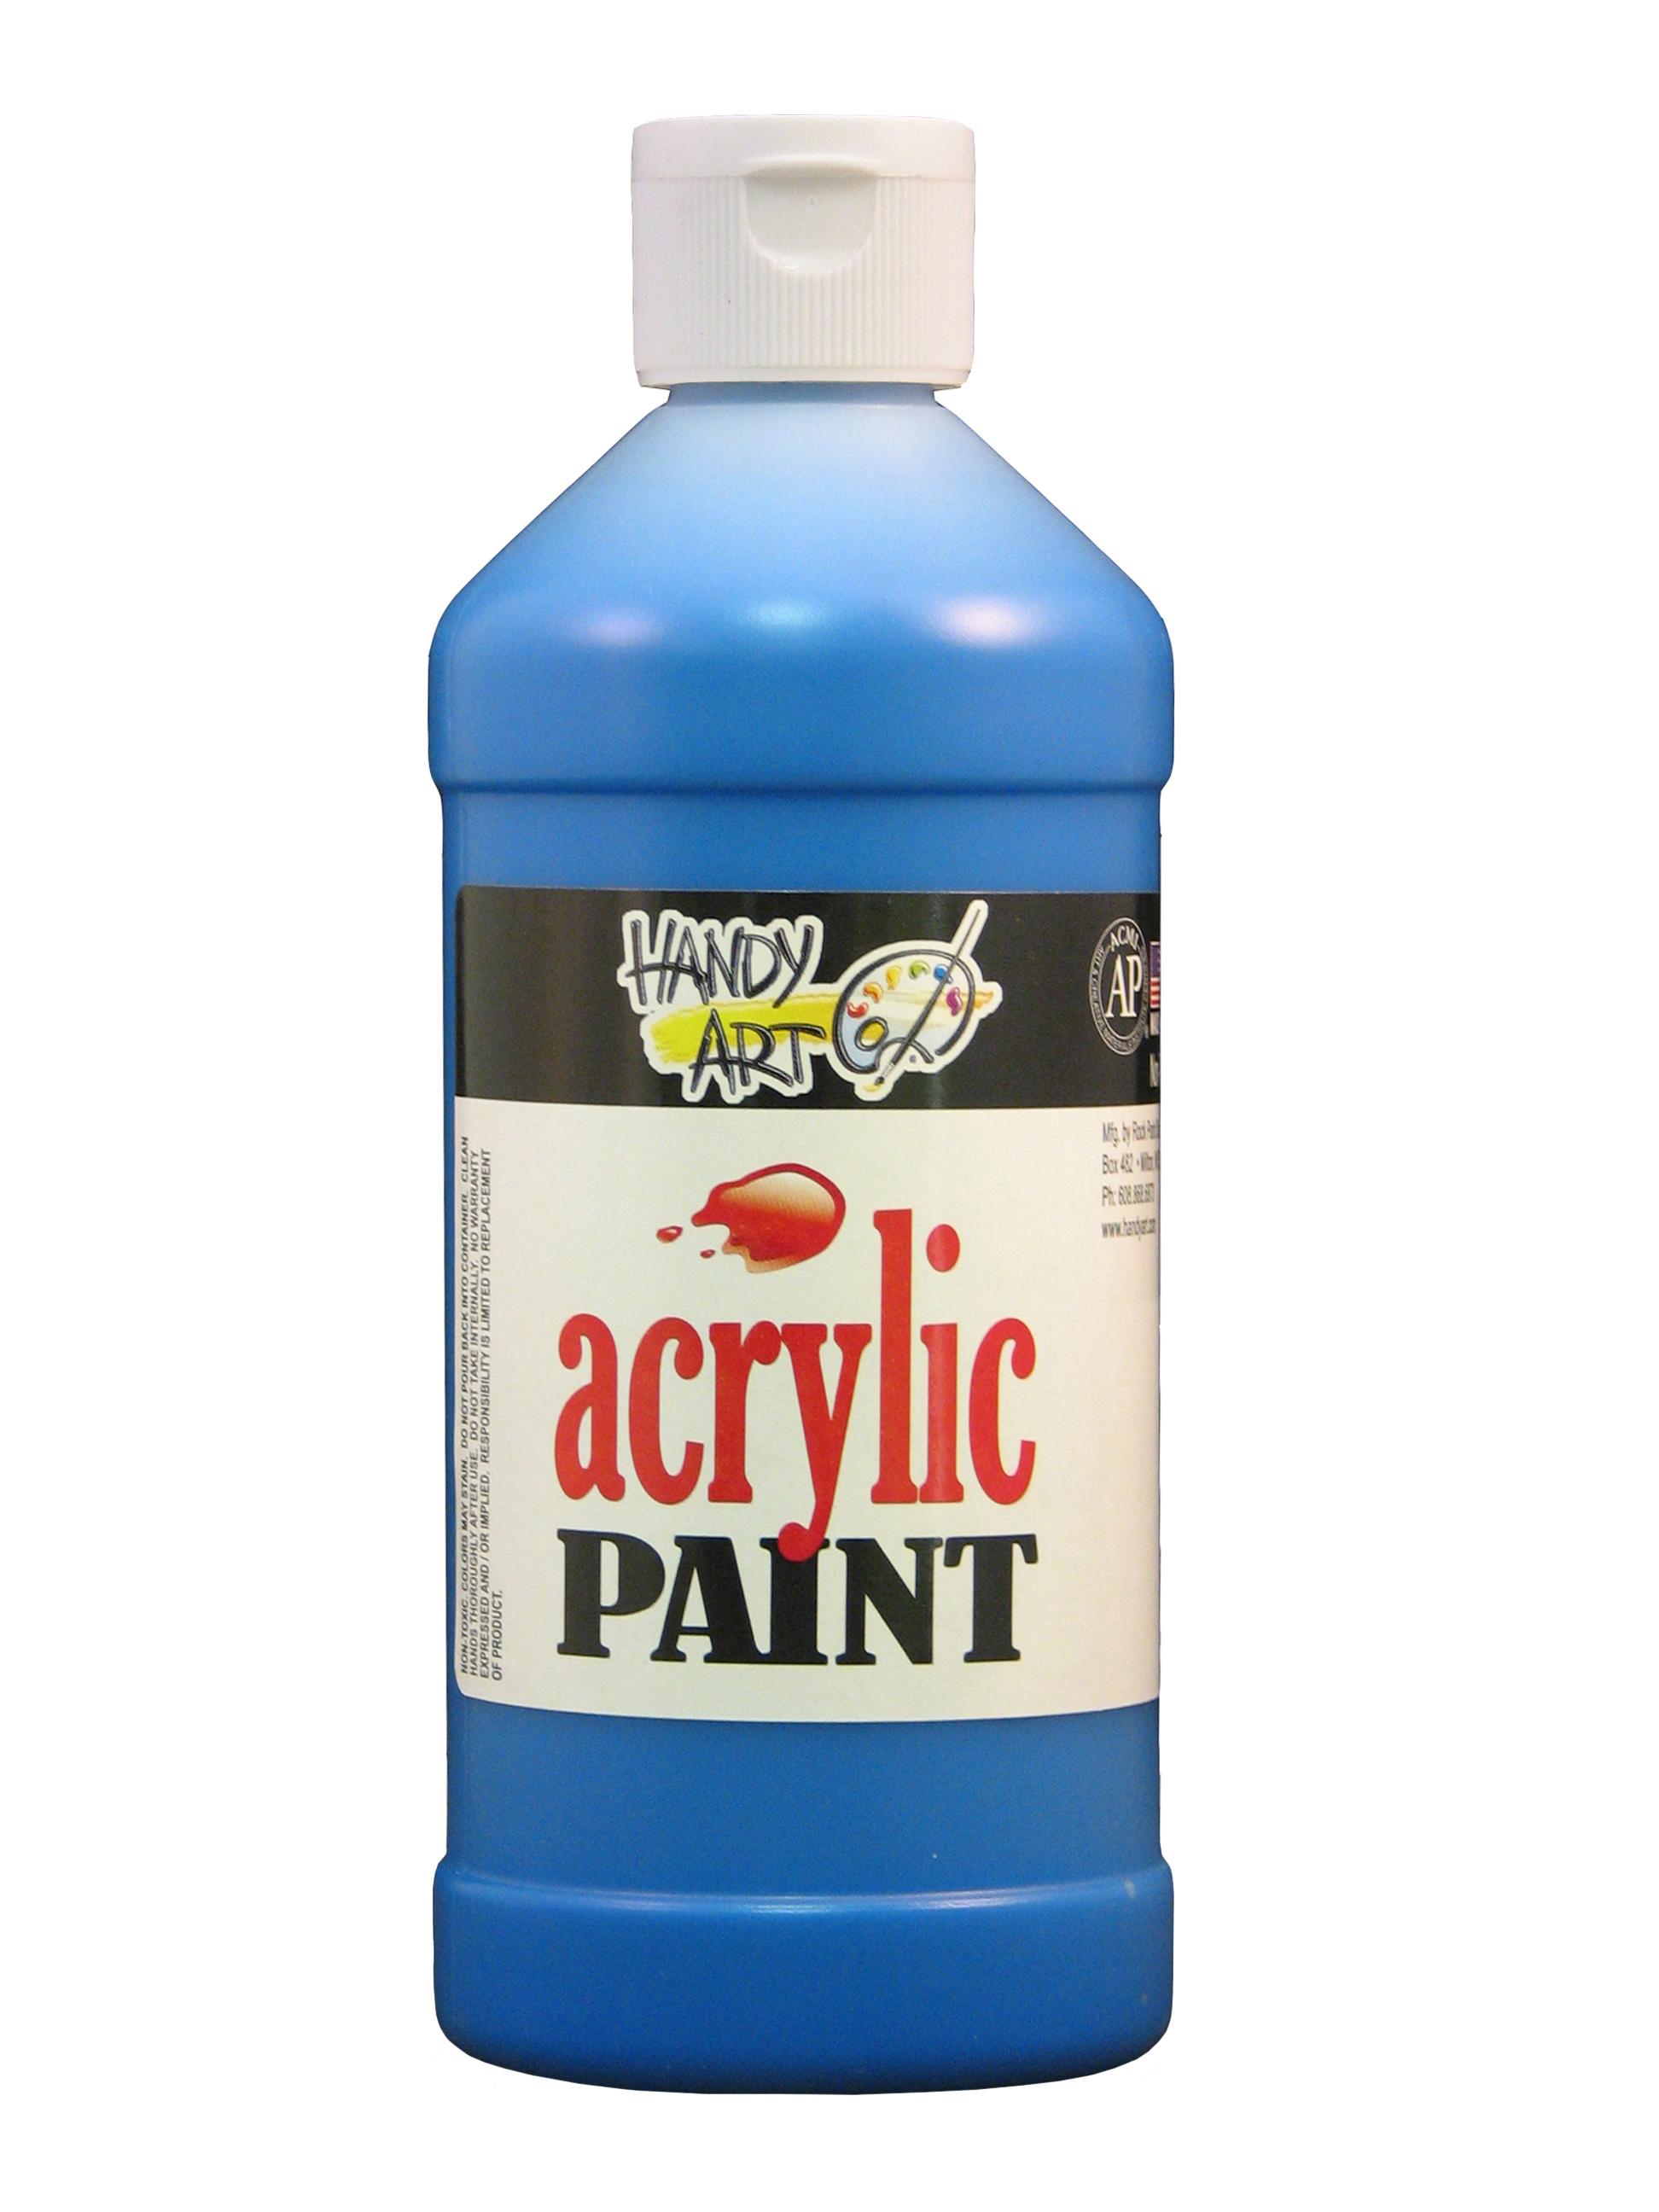 Handy Art 101065 Acrylic Paint Blue - 16oz